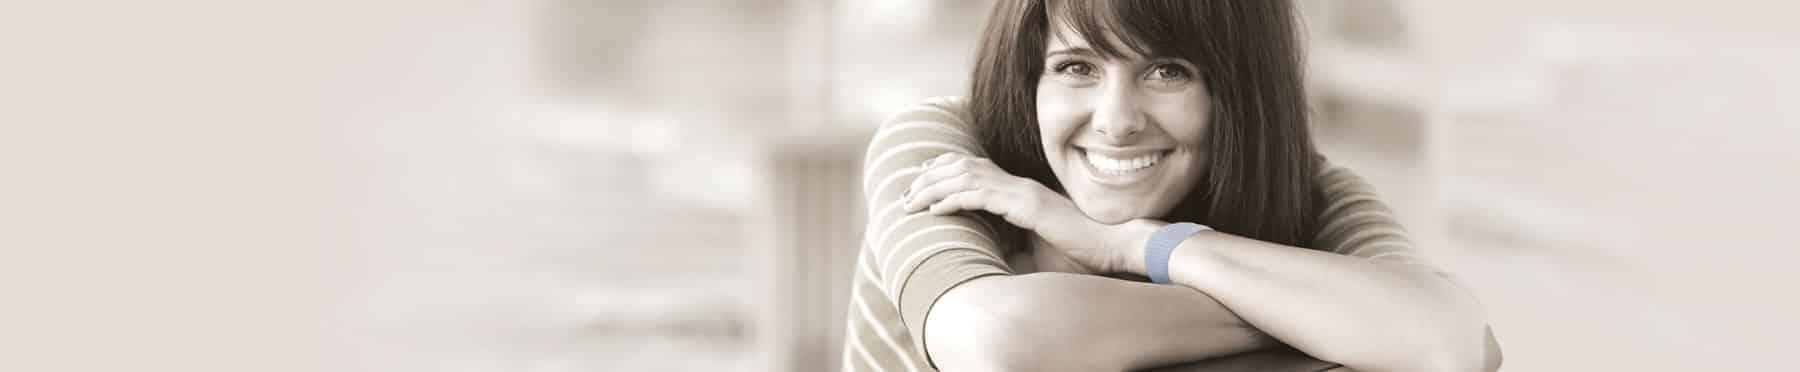 Was hilft bei Übelkeit ein lächeln zu behalten? SEA-BAND Akupressurbänder gegen Übelkeit